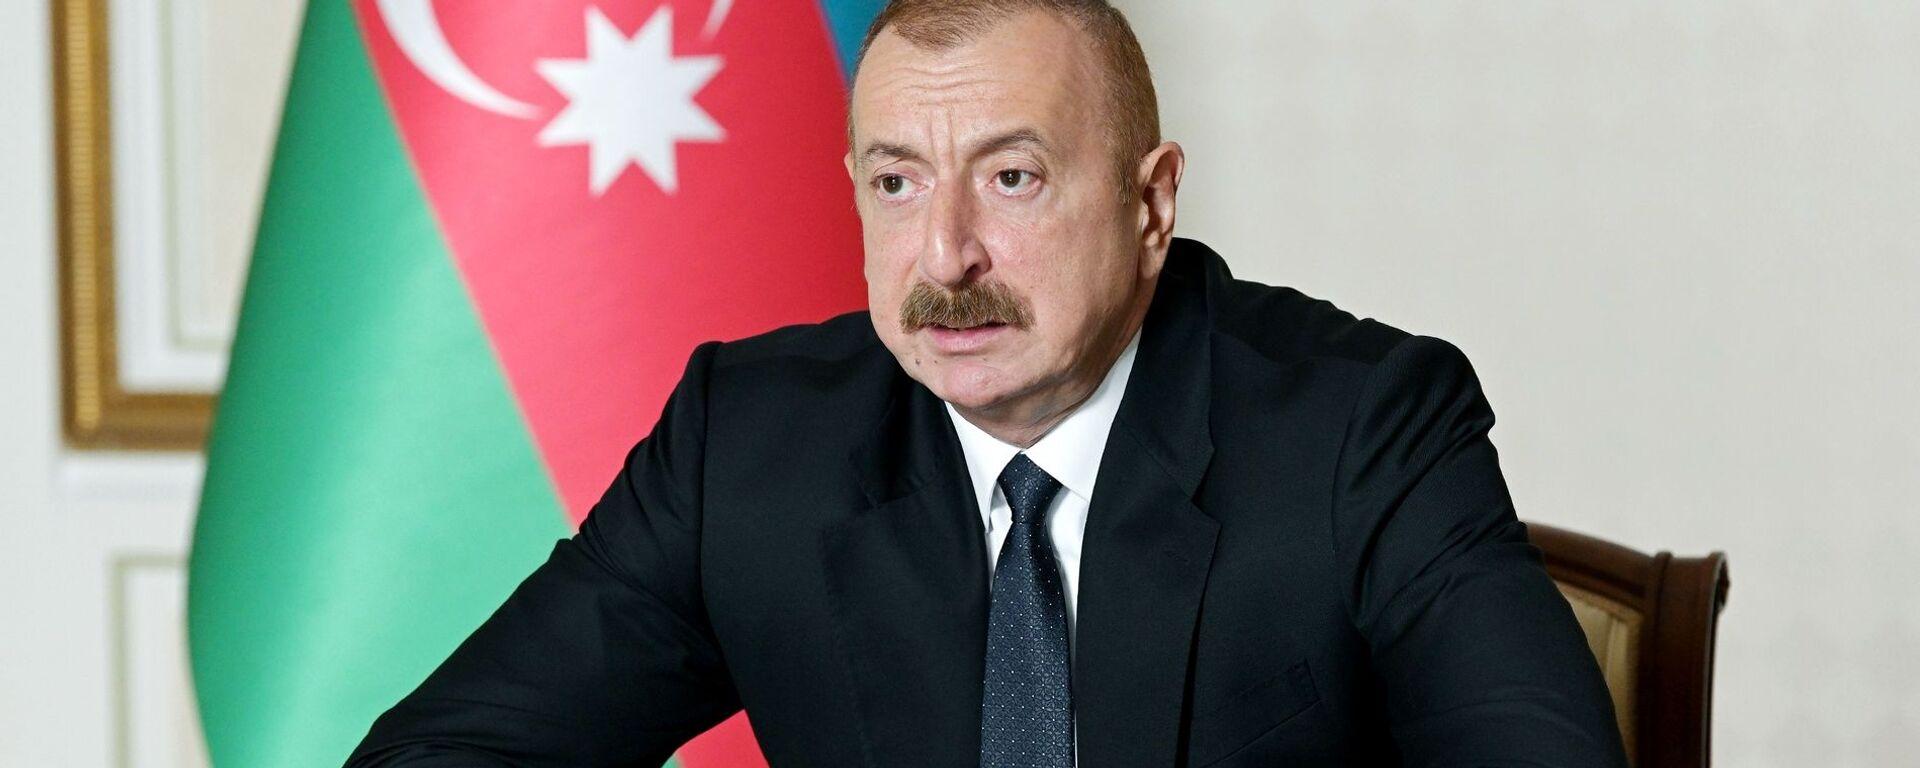 Azerbaijani President Ilham Aliyev - Sputnik International, 1920, 13.04.2021